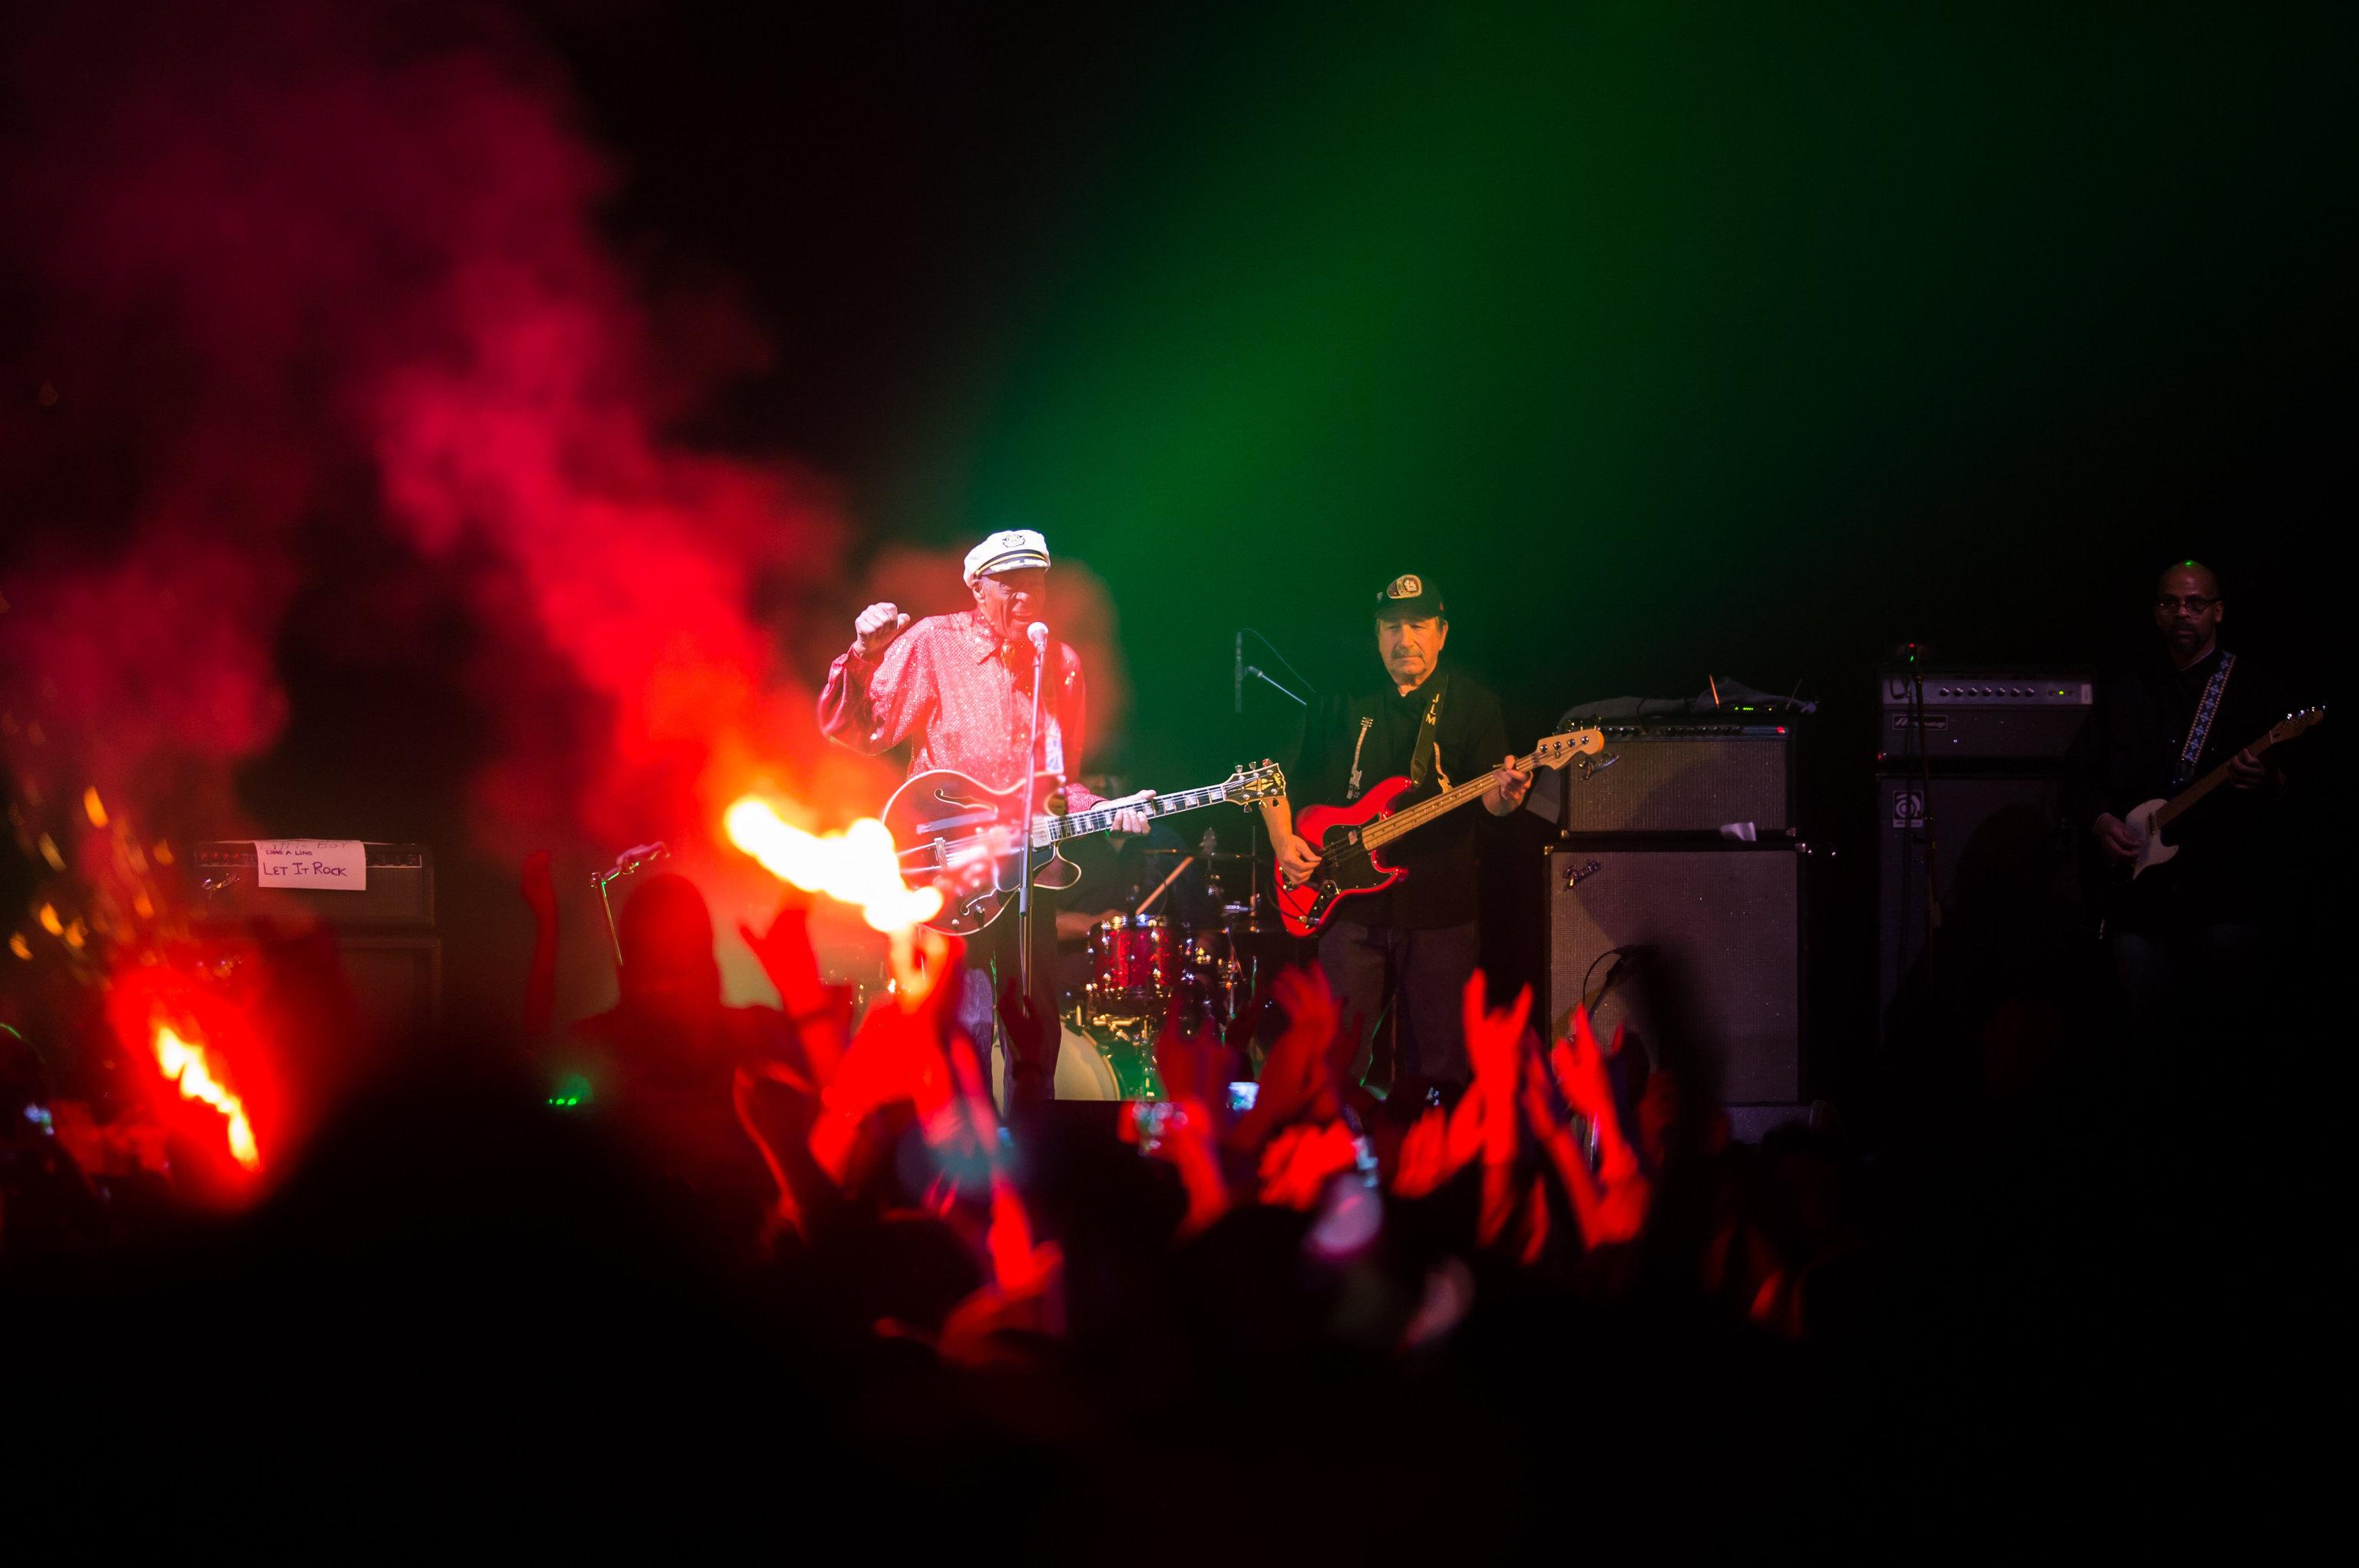 Легендарный американский певец и композитор, один из родоначальников рок-н-ролла Чак Берри выступает на концерте в клубе Arena Moscow